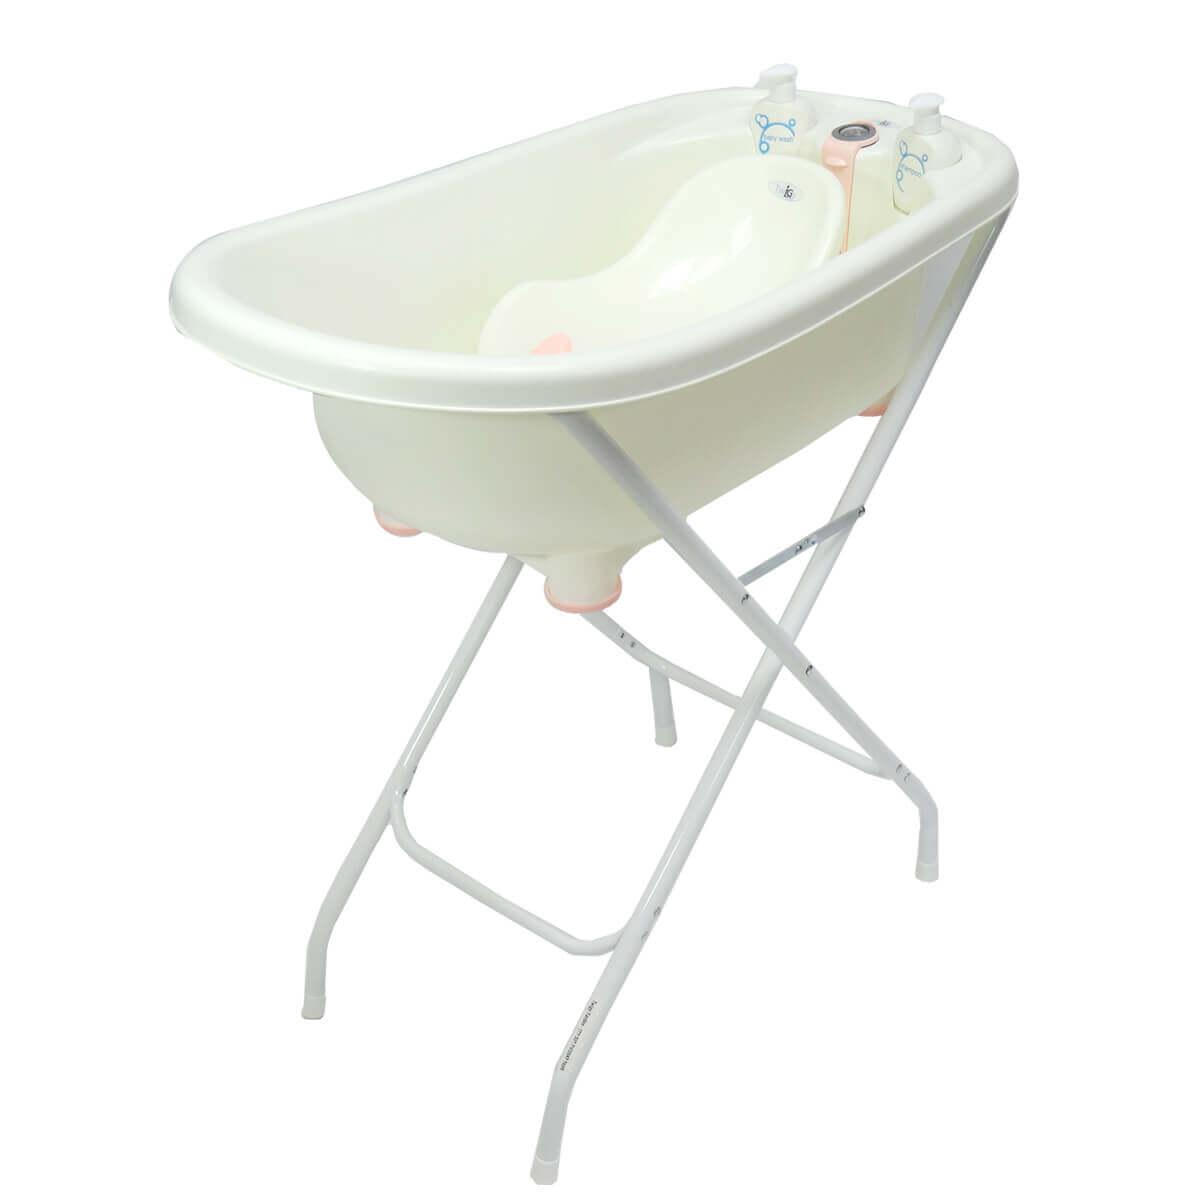 אמבטיה לתינוק ירדן מבית טוויגי